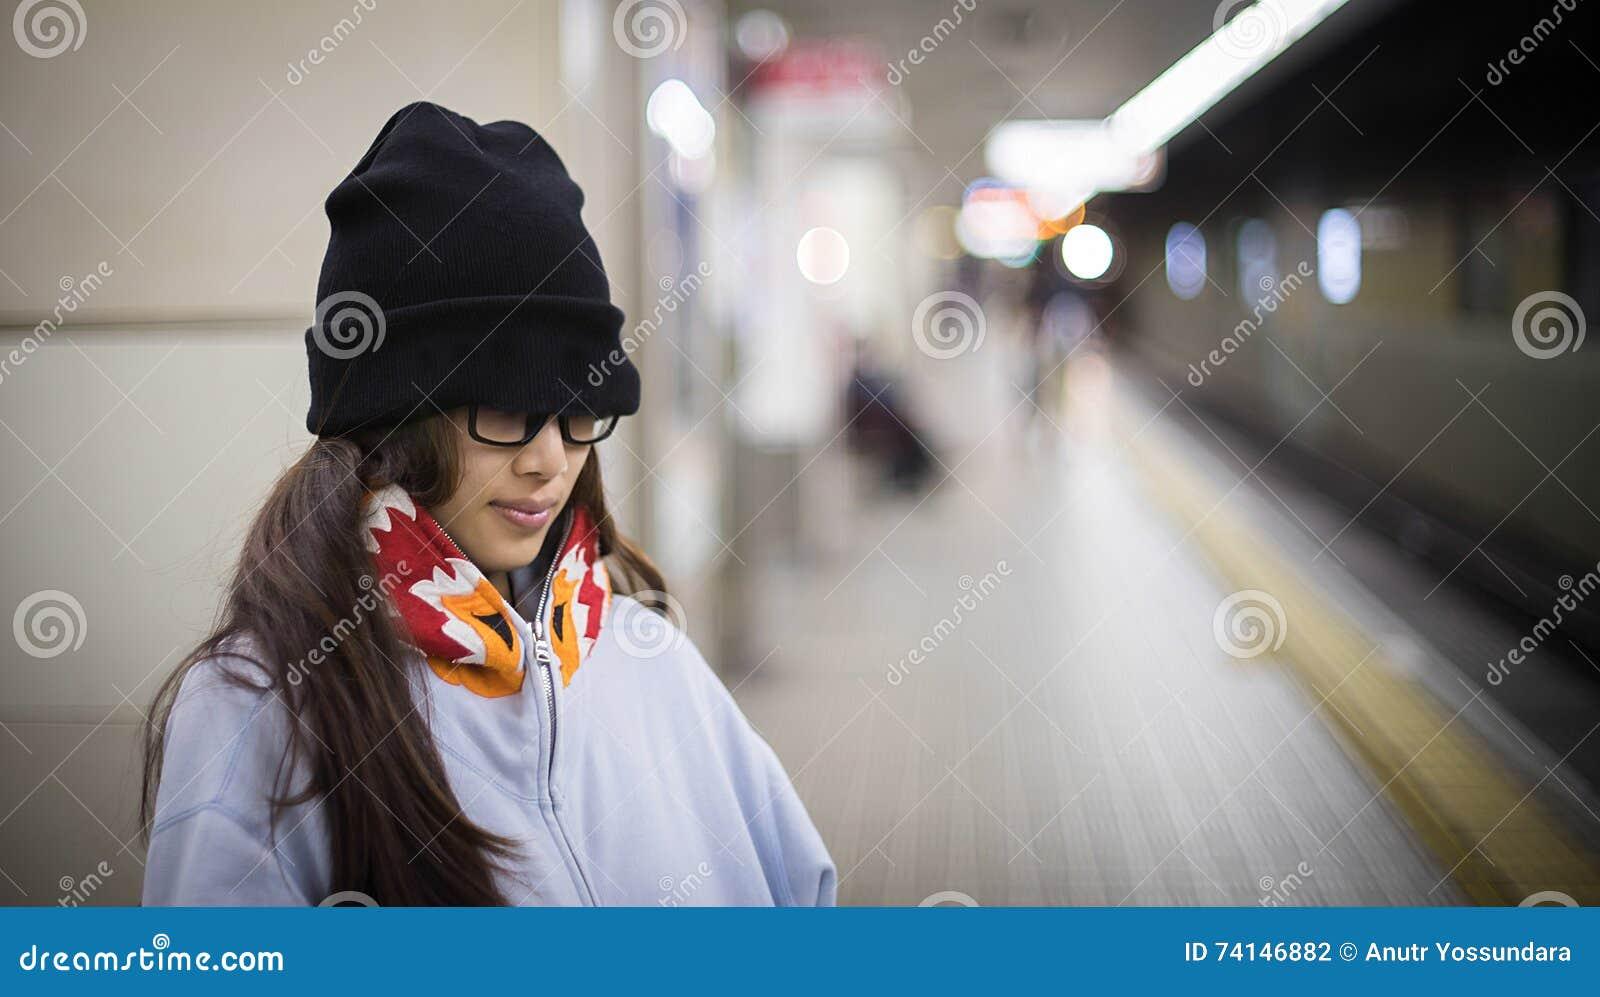 stroynih-yaponskie-devushki-s-bolshoy-v-metro-sindi-lords-porno